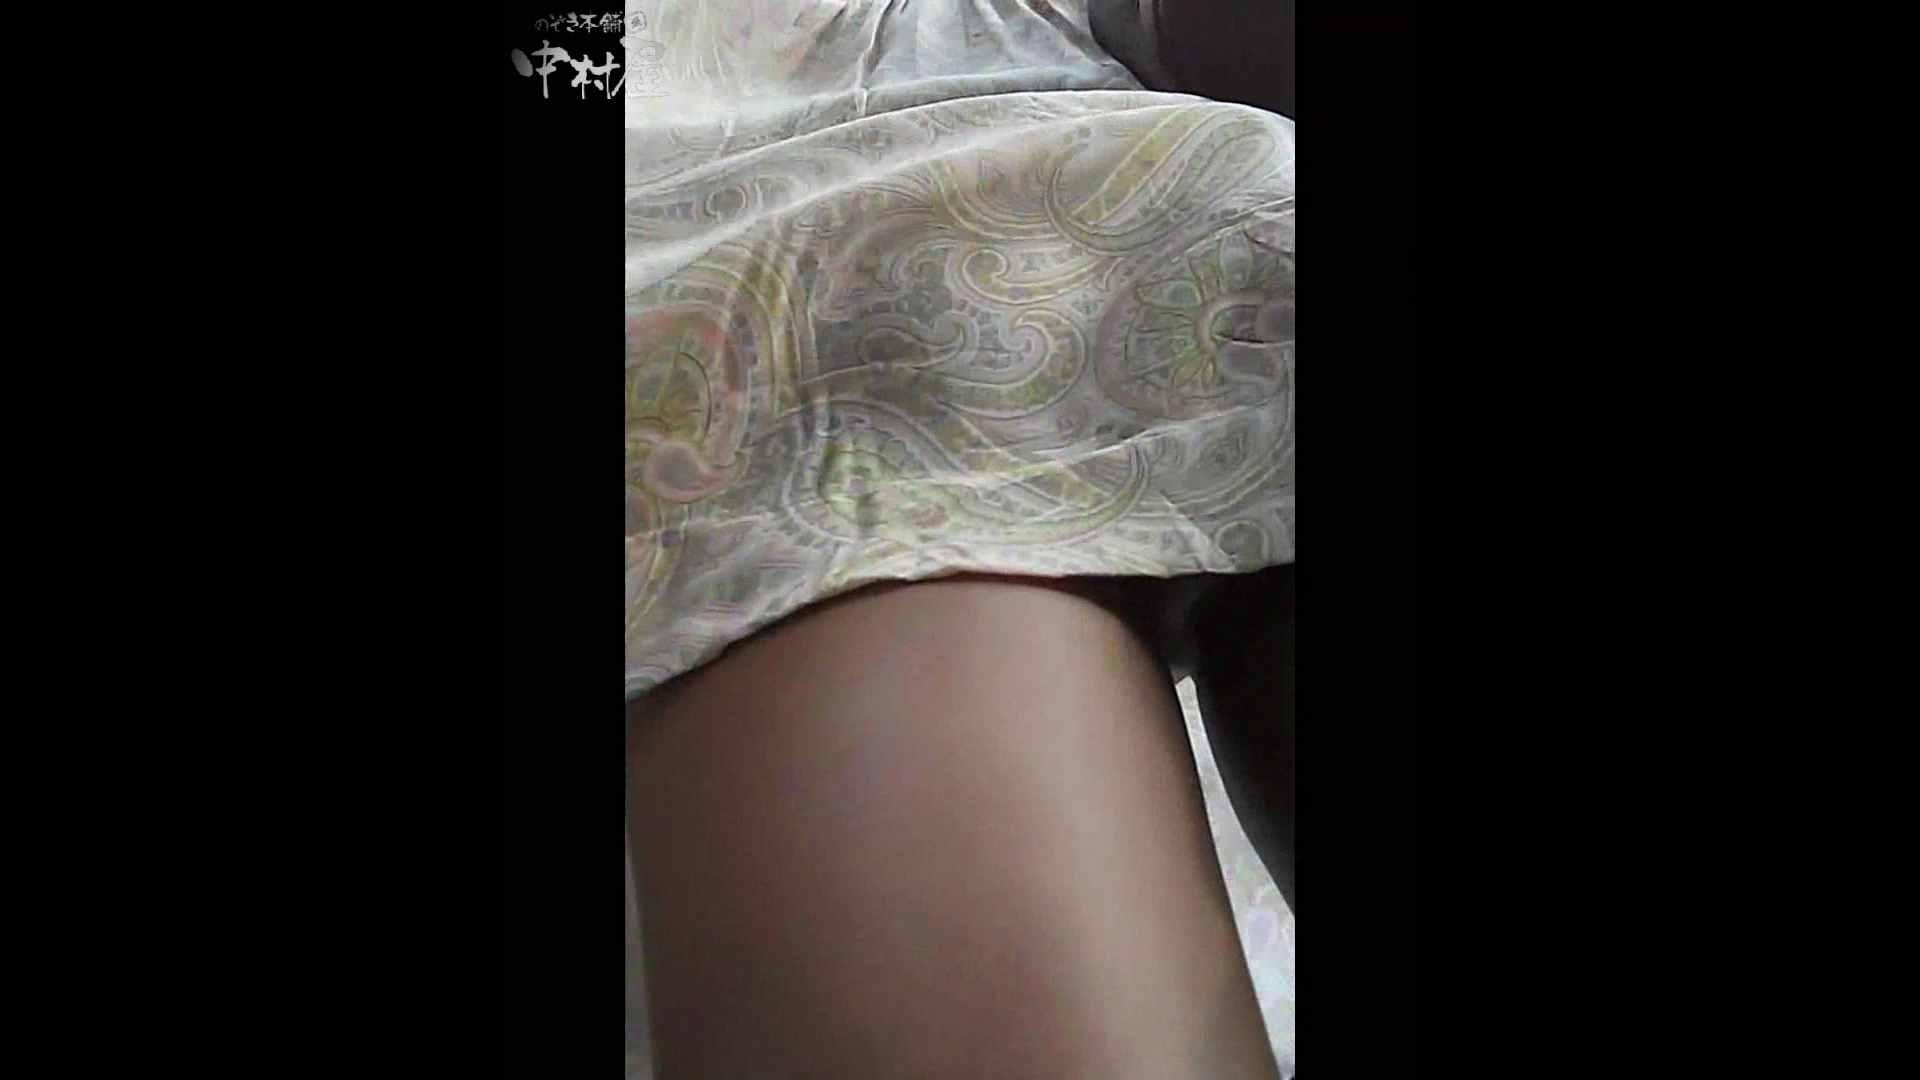 綺麗なモデルさんのスカート捲っちゃおう‼ vol11 0  57pic 14